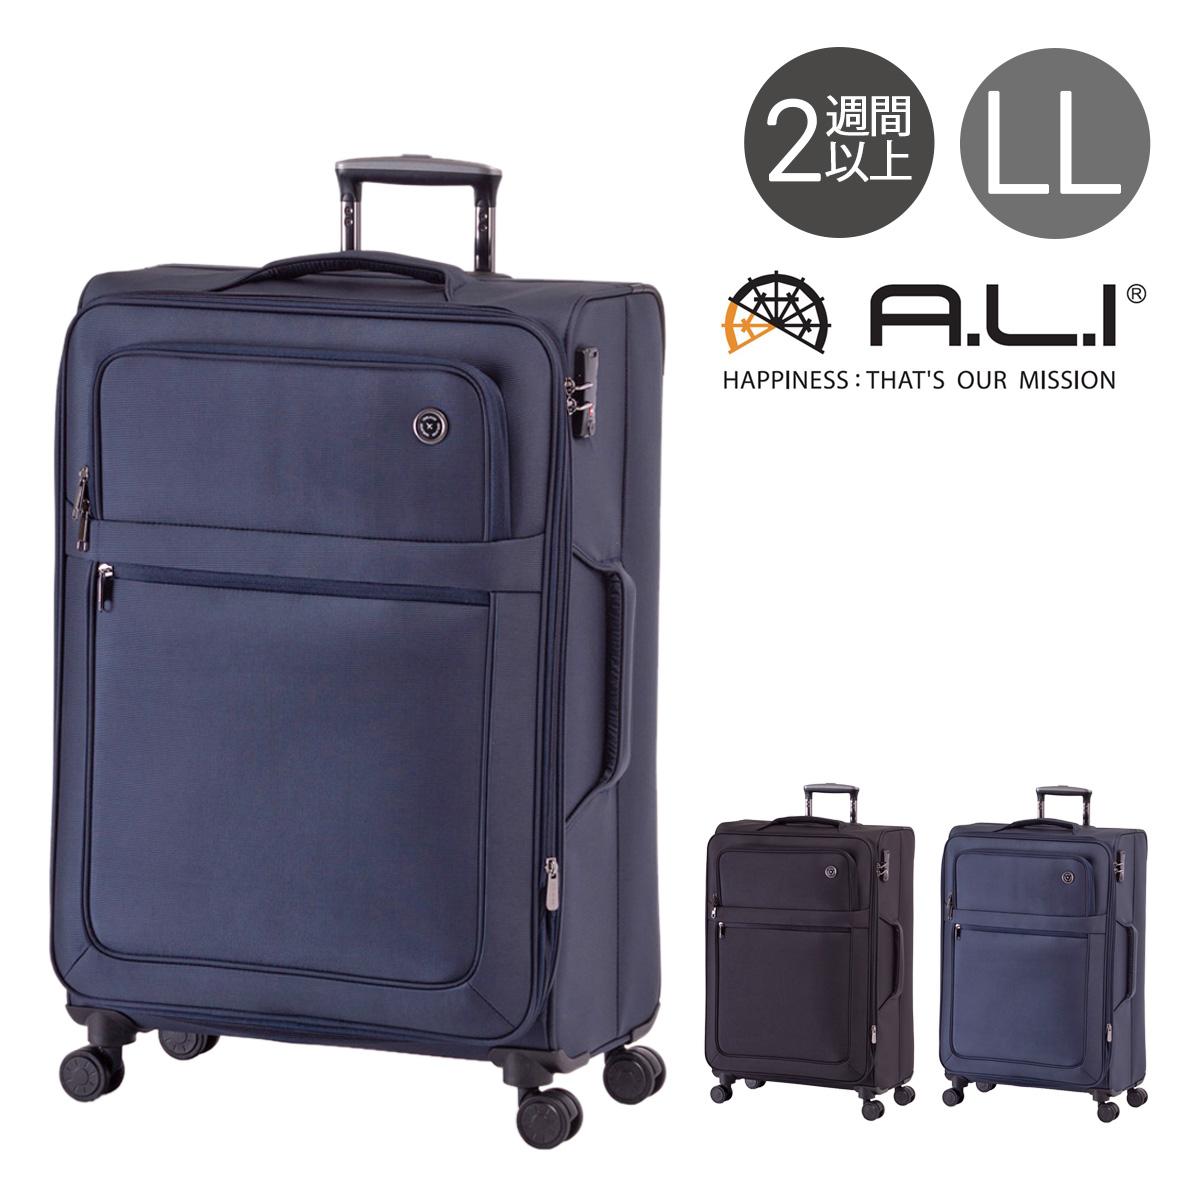 アジアラゲージ スーツケース 108L 77.5cm 4.6kg ALK-7010-28 A.L.I|ソフト キャリーバッグ キャリーケース フロントオープン 拡張 TSAロック搭載